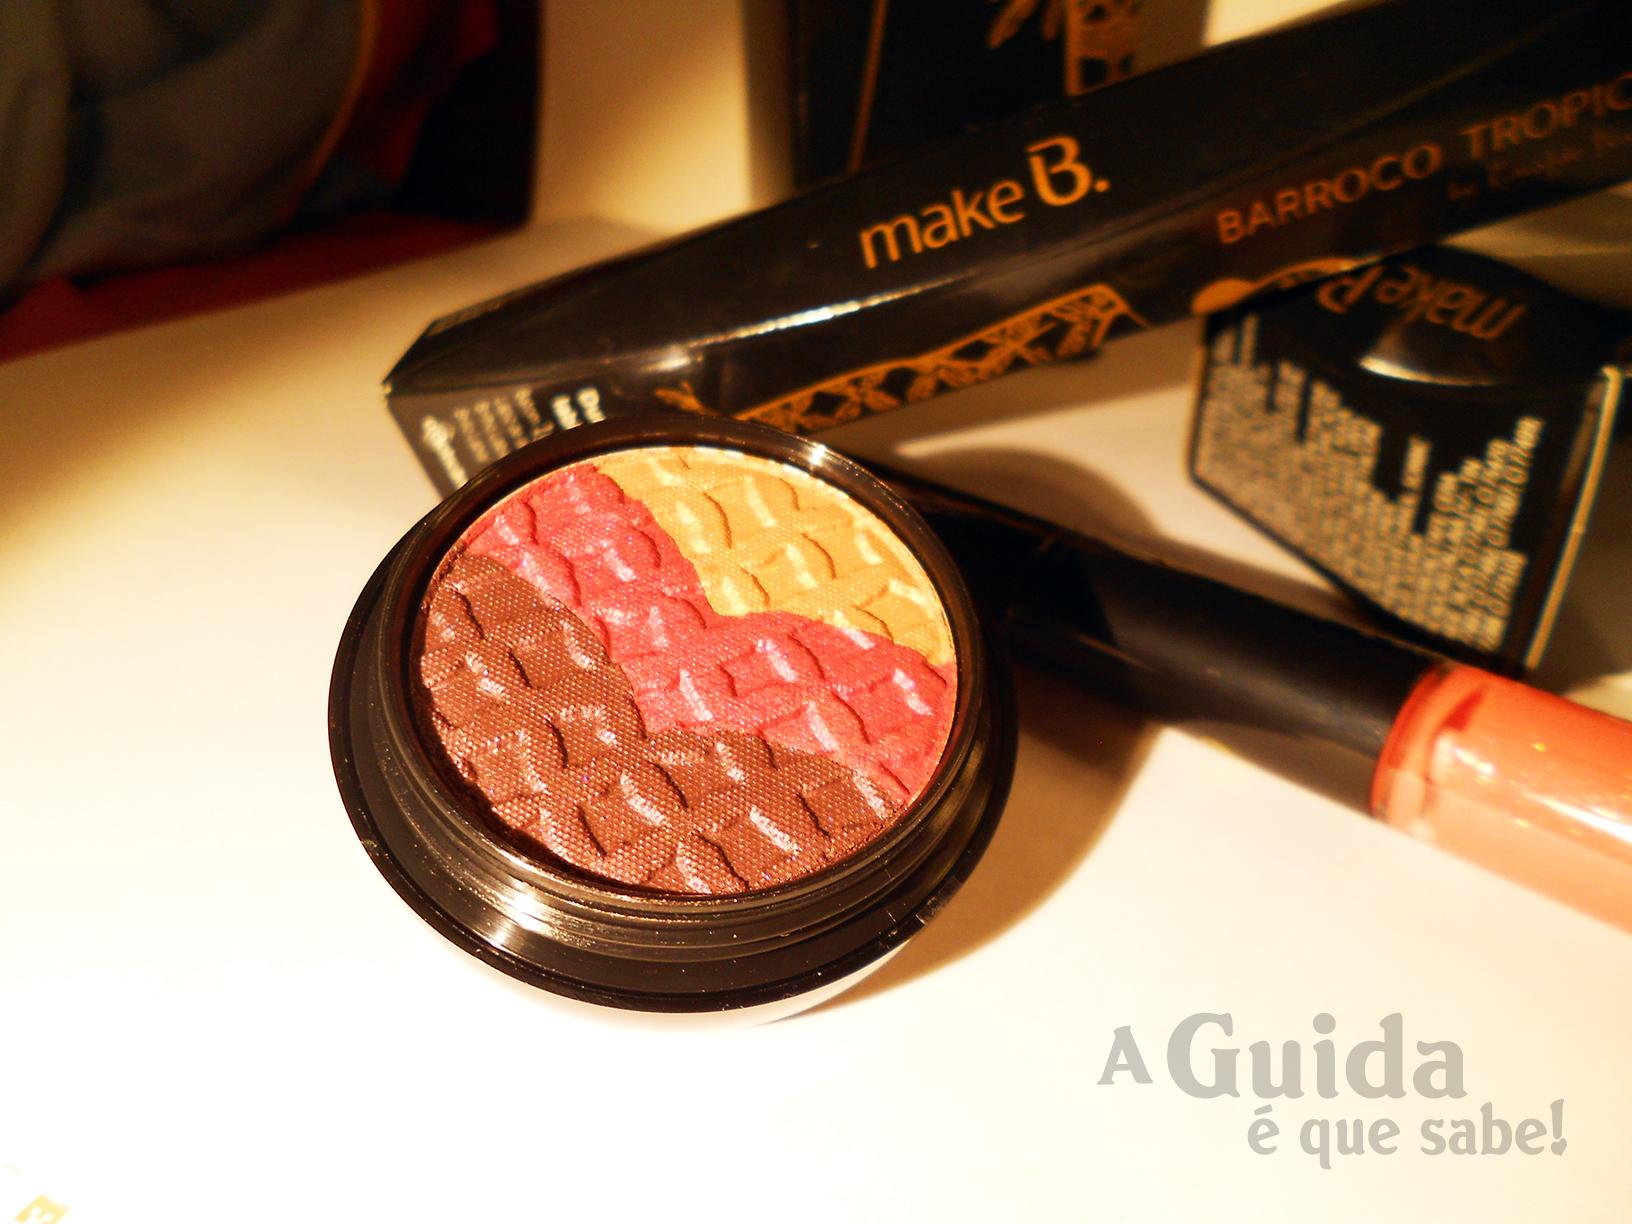 boticário make b barroco tropical perfume fragrância edt eau de parfum maquiagem maquilhagem makeup review opinião resenha swatch beauty blog beleza